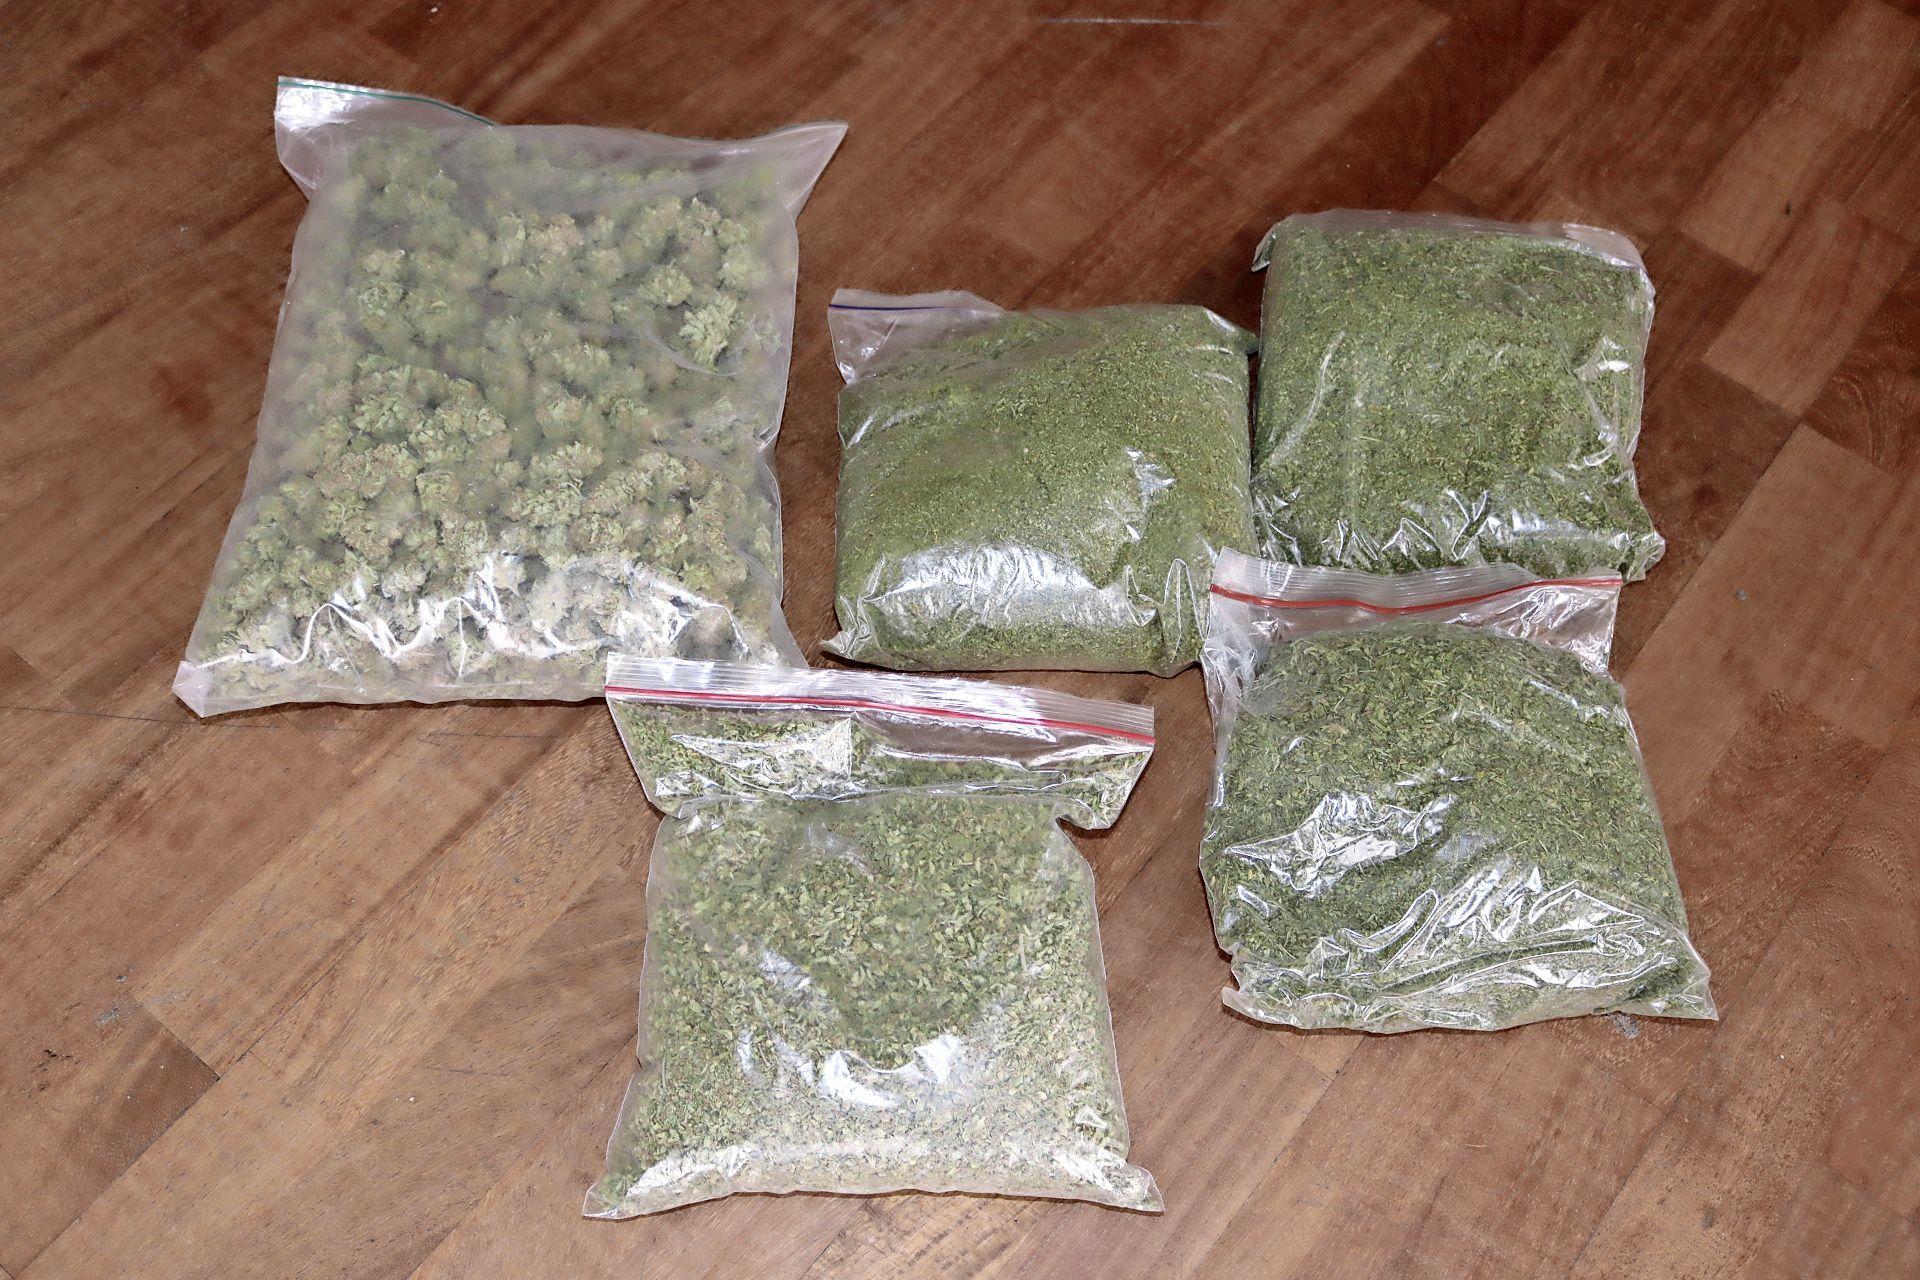 Politie ontdekt hennepkwekerij in woning in Hillegom, 150 tot 200 planten in omgebouwde slaapkamer